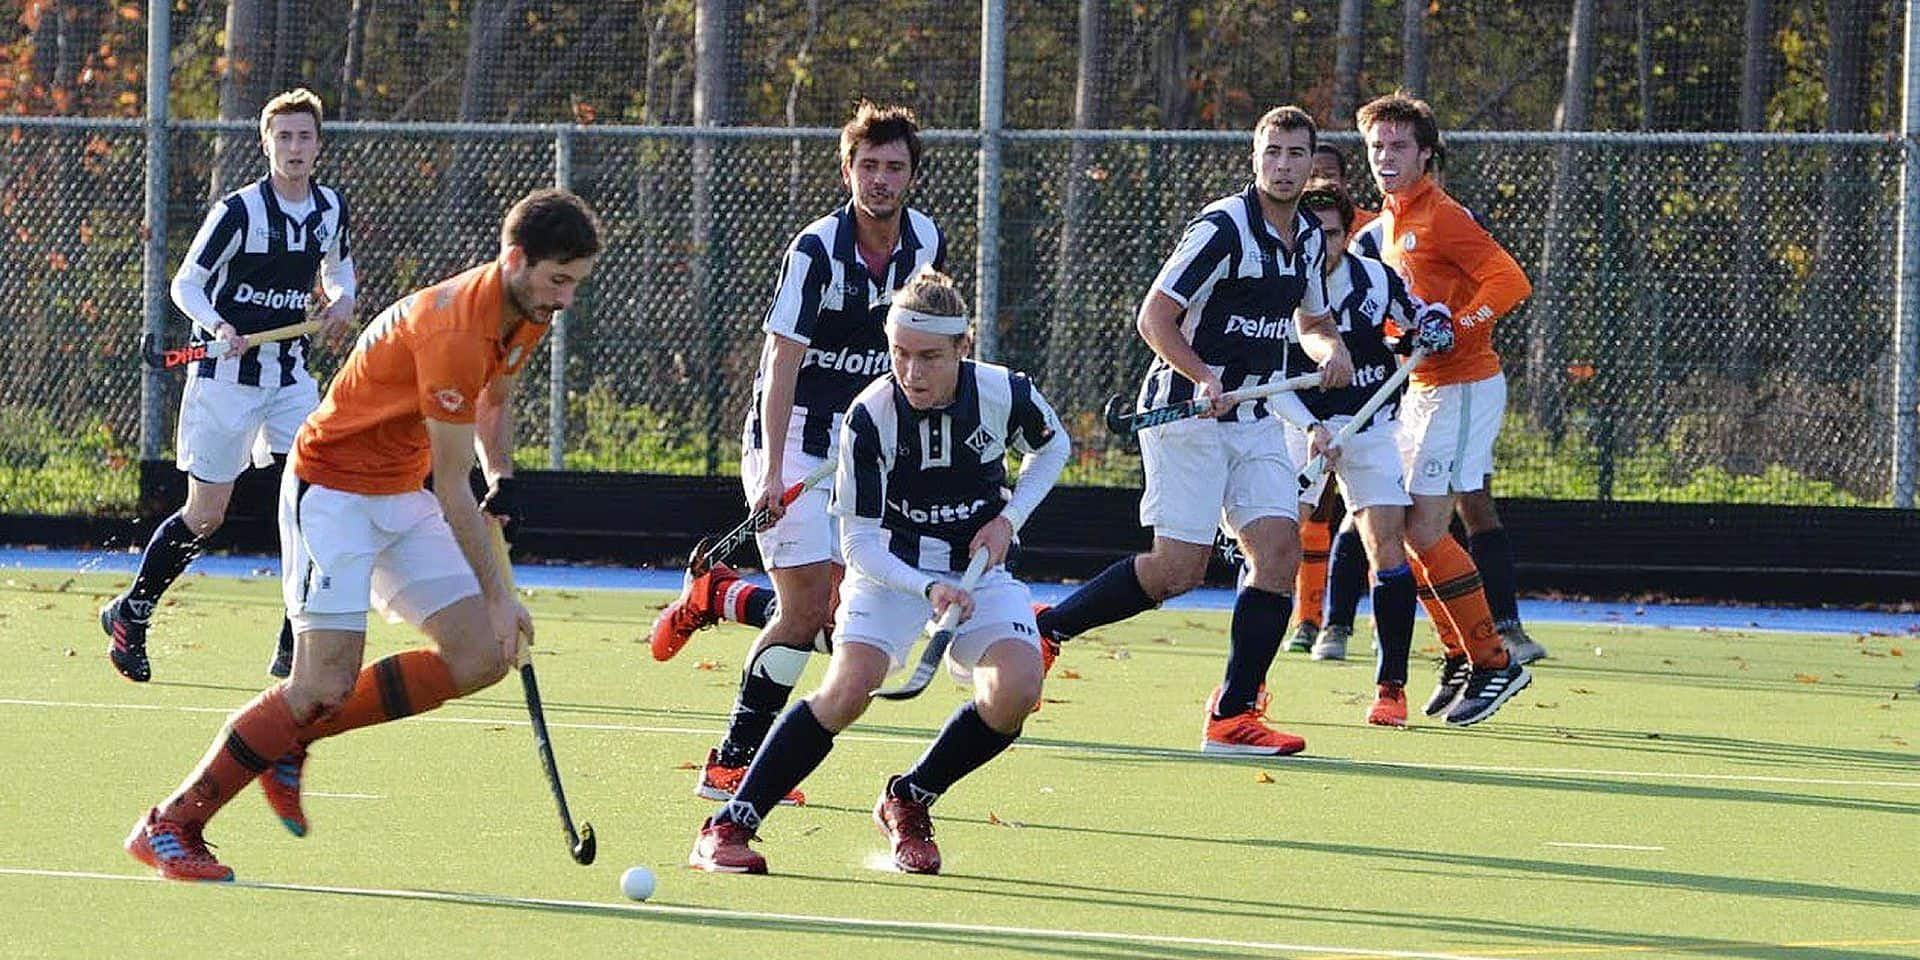 La Province du Brabant wallon ouvre des options sport-études en football et en hockey dès la rentrée scolaire 2021